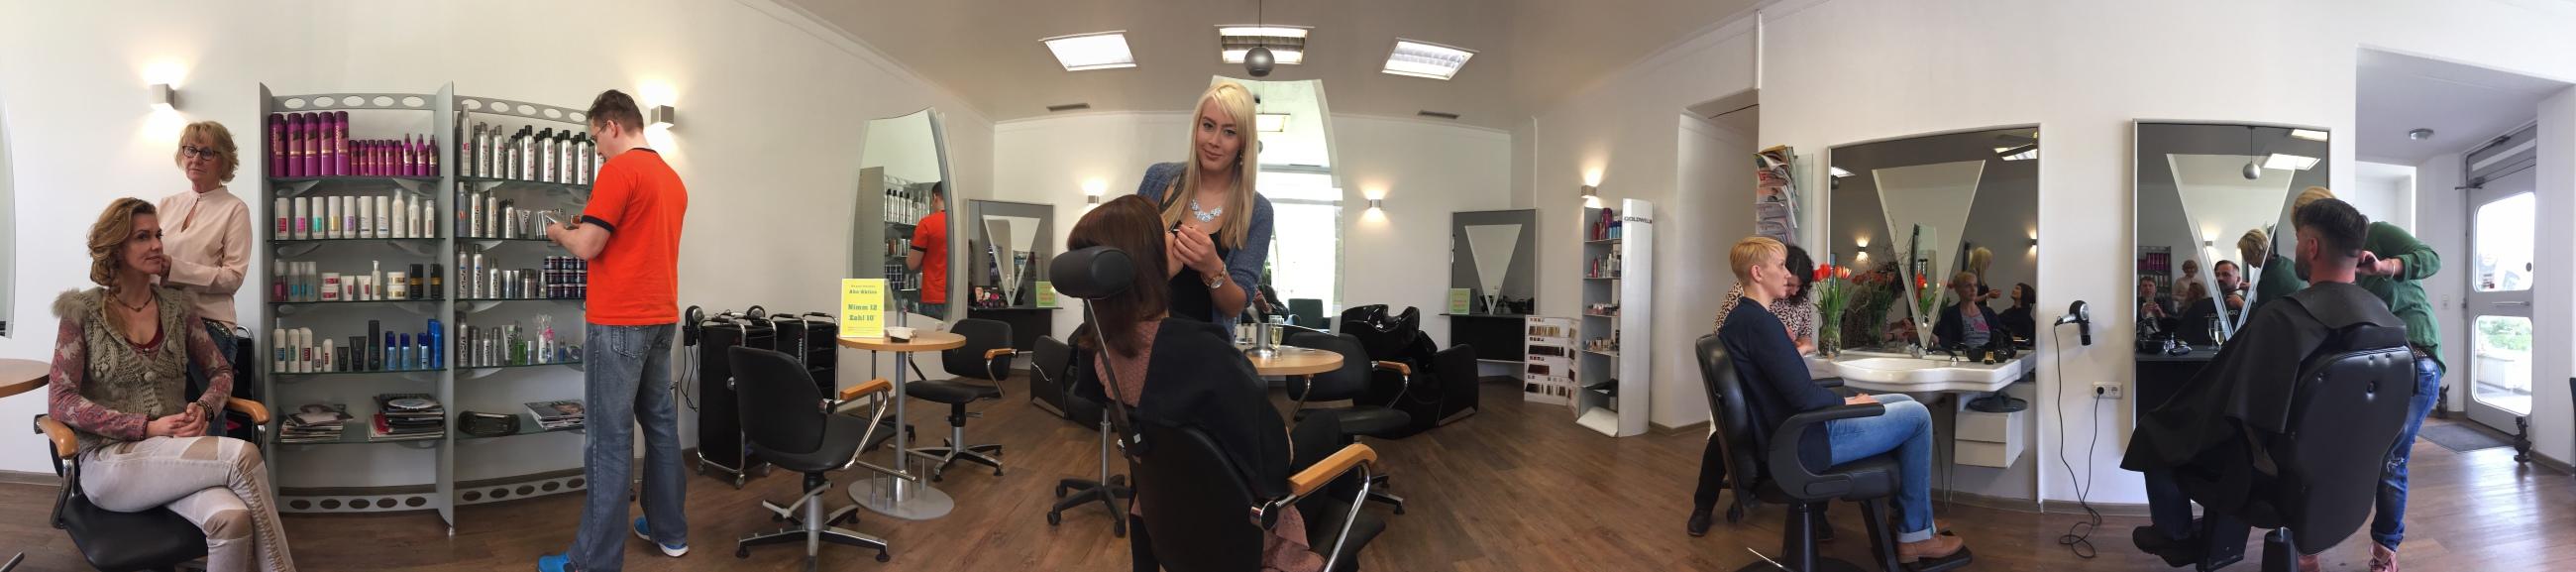 Coiffeur und Kosmetikstudio Vornhagen